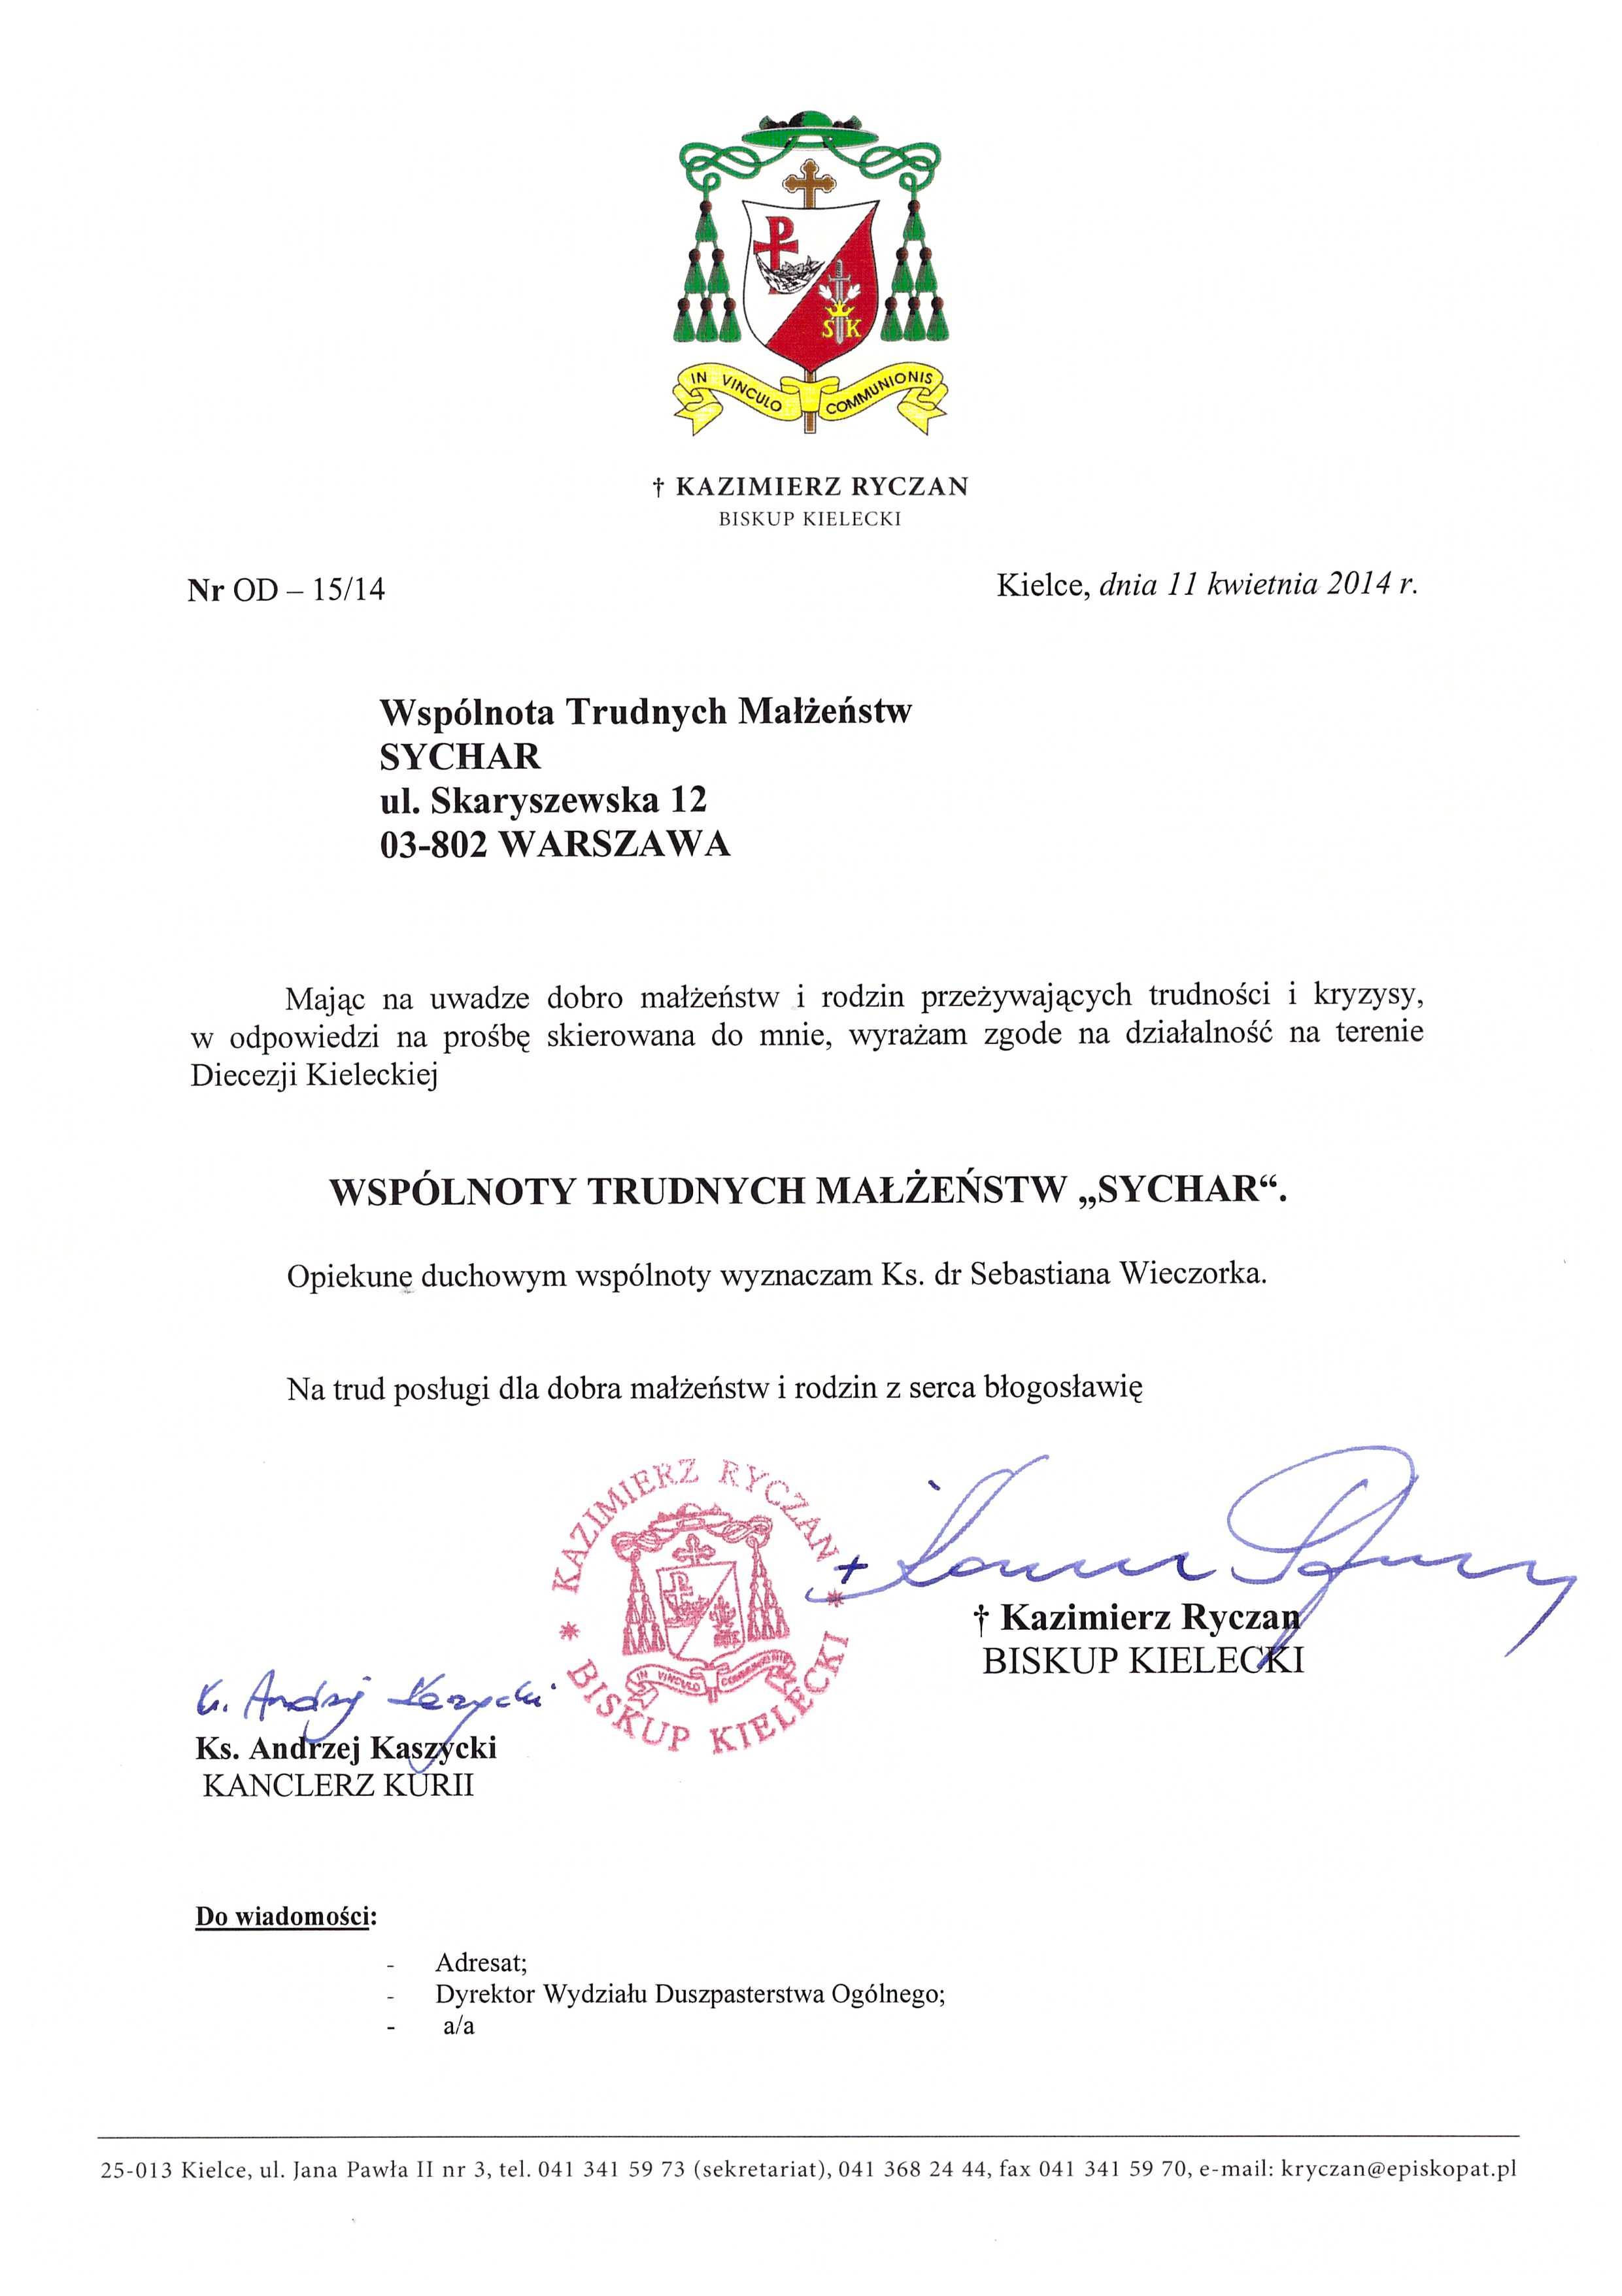 Bp-Kazimierz-Ryczan-2014.04.11